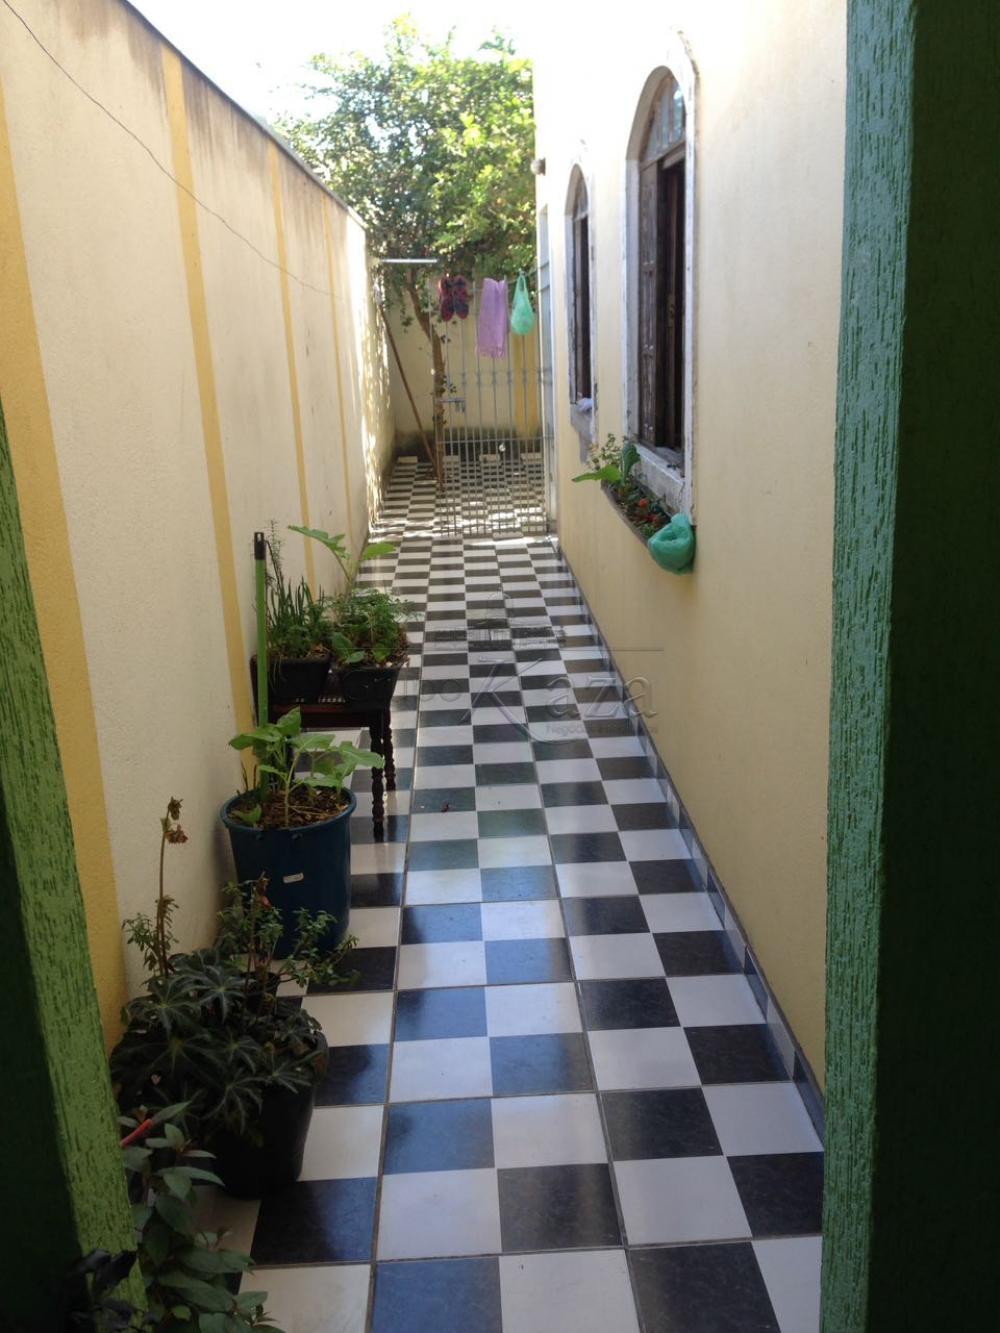 Comprar Casa / Sobrado em Jacareí apenas R$ 350.000,00 - Foto 20